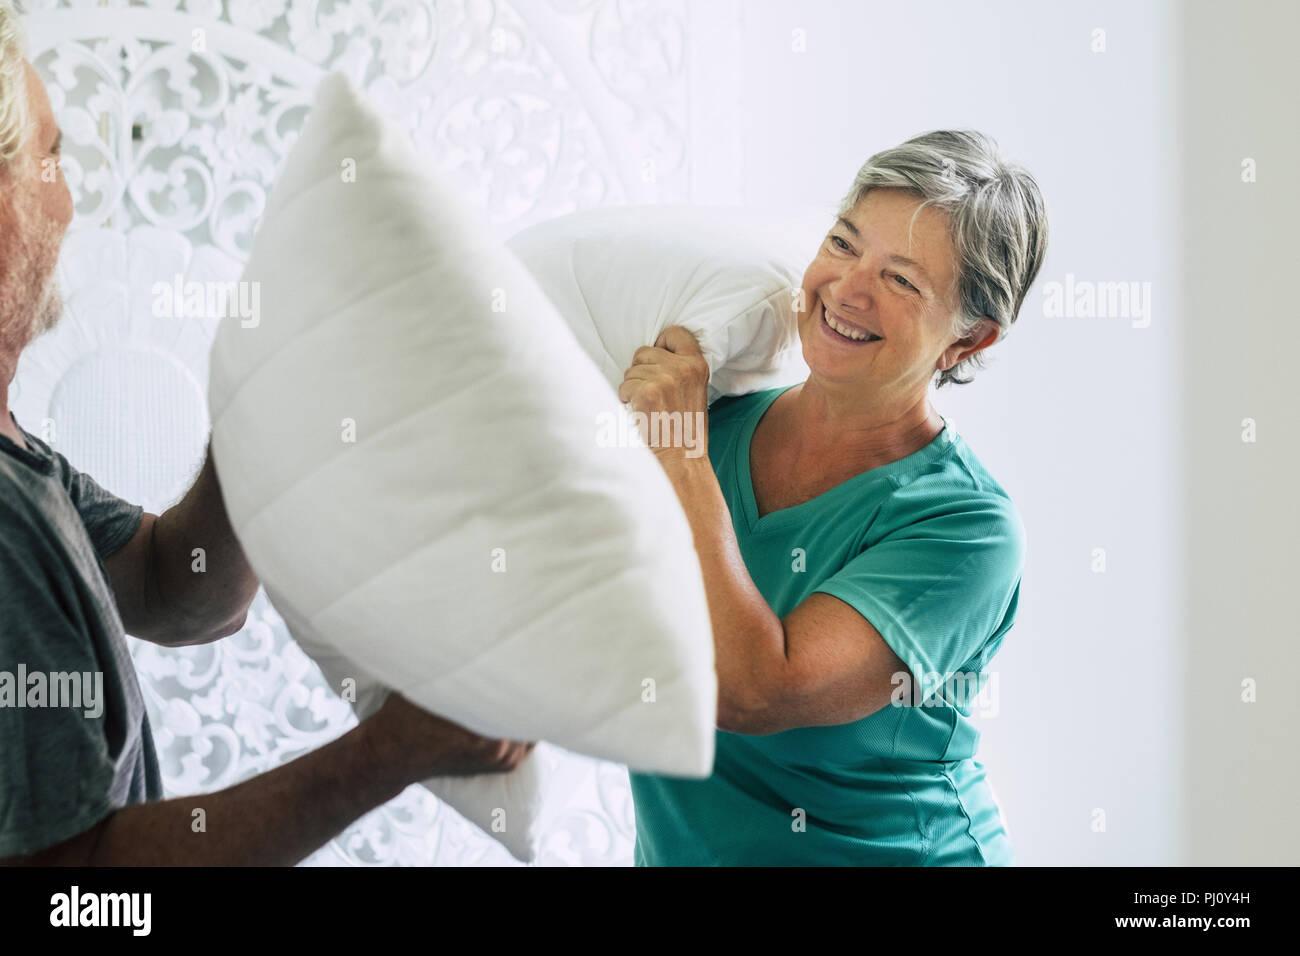 Guerra de almohadas en casa para pareja caucásica de juguetones adult senior hombre y mujer juegan en la habitación la mañana. la felicidad y la alegría juntos para siempre s Imagen De Stock